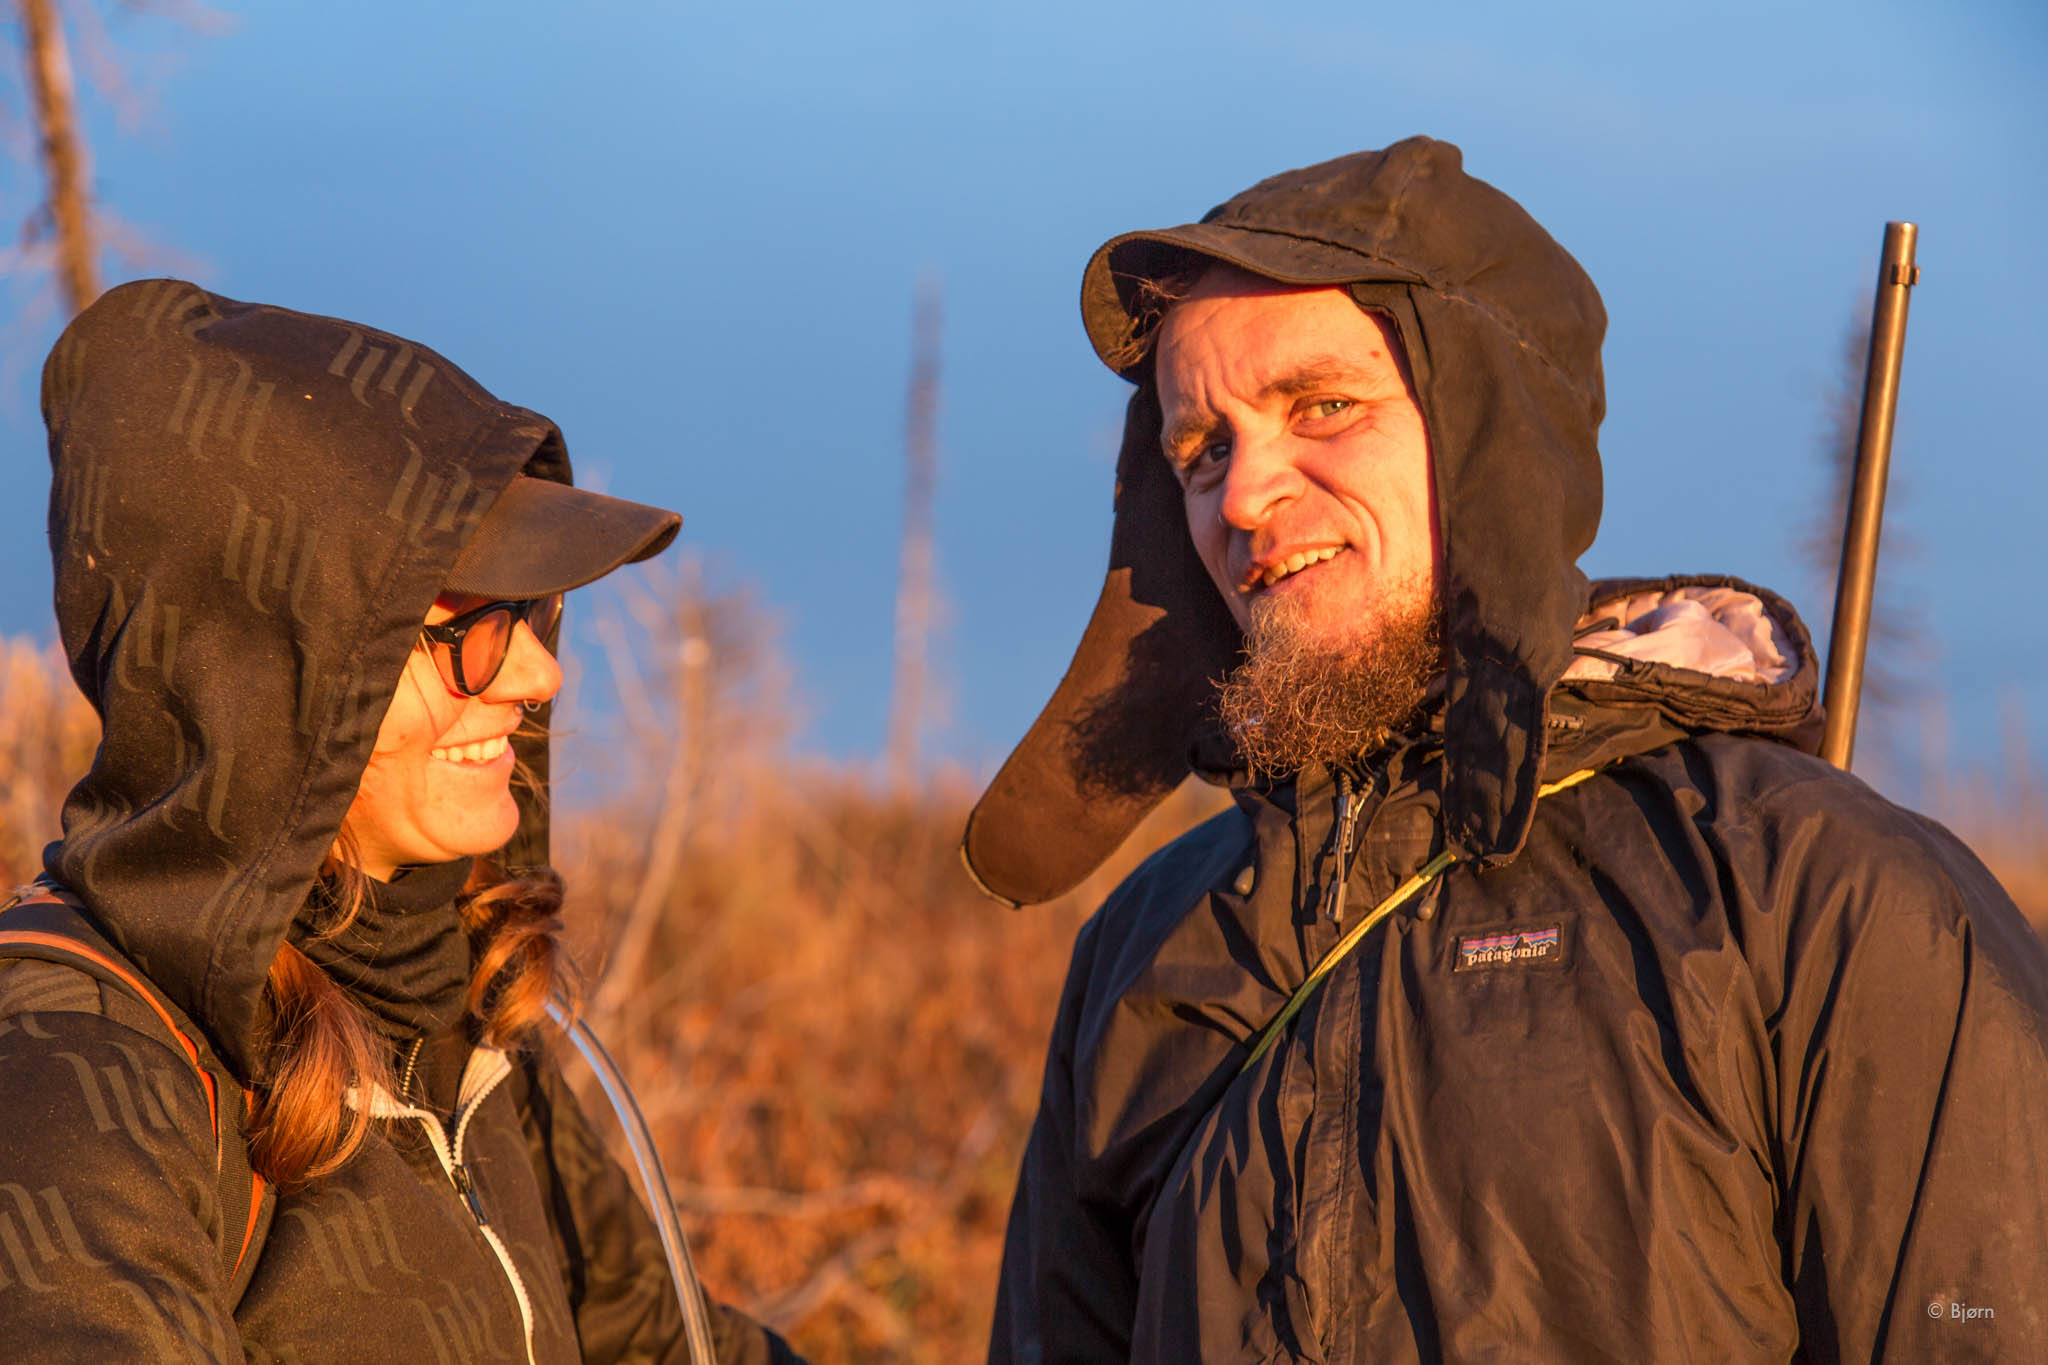 Margaret and Bjørn pause for sunset - Caribou Hills, Alaska.